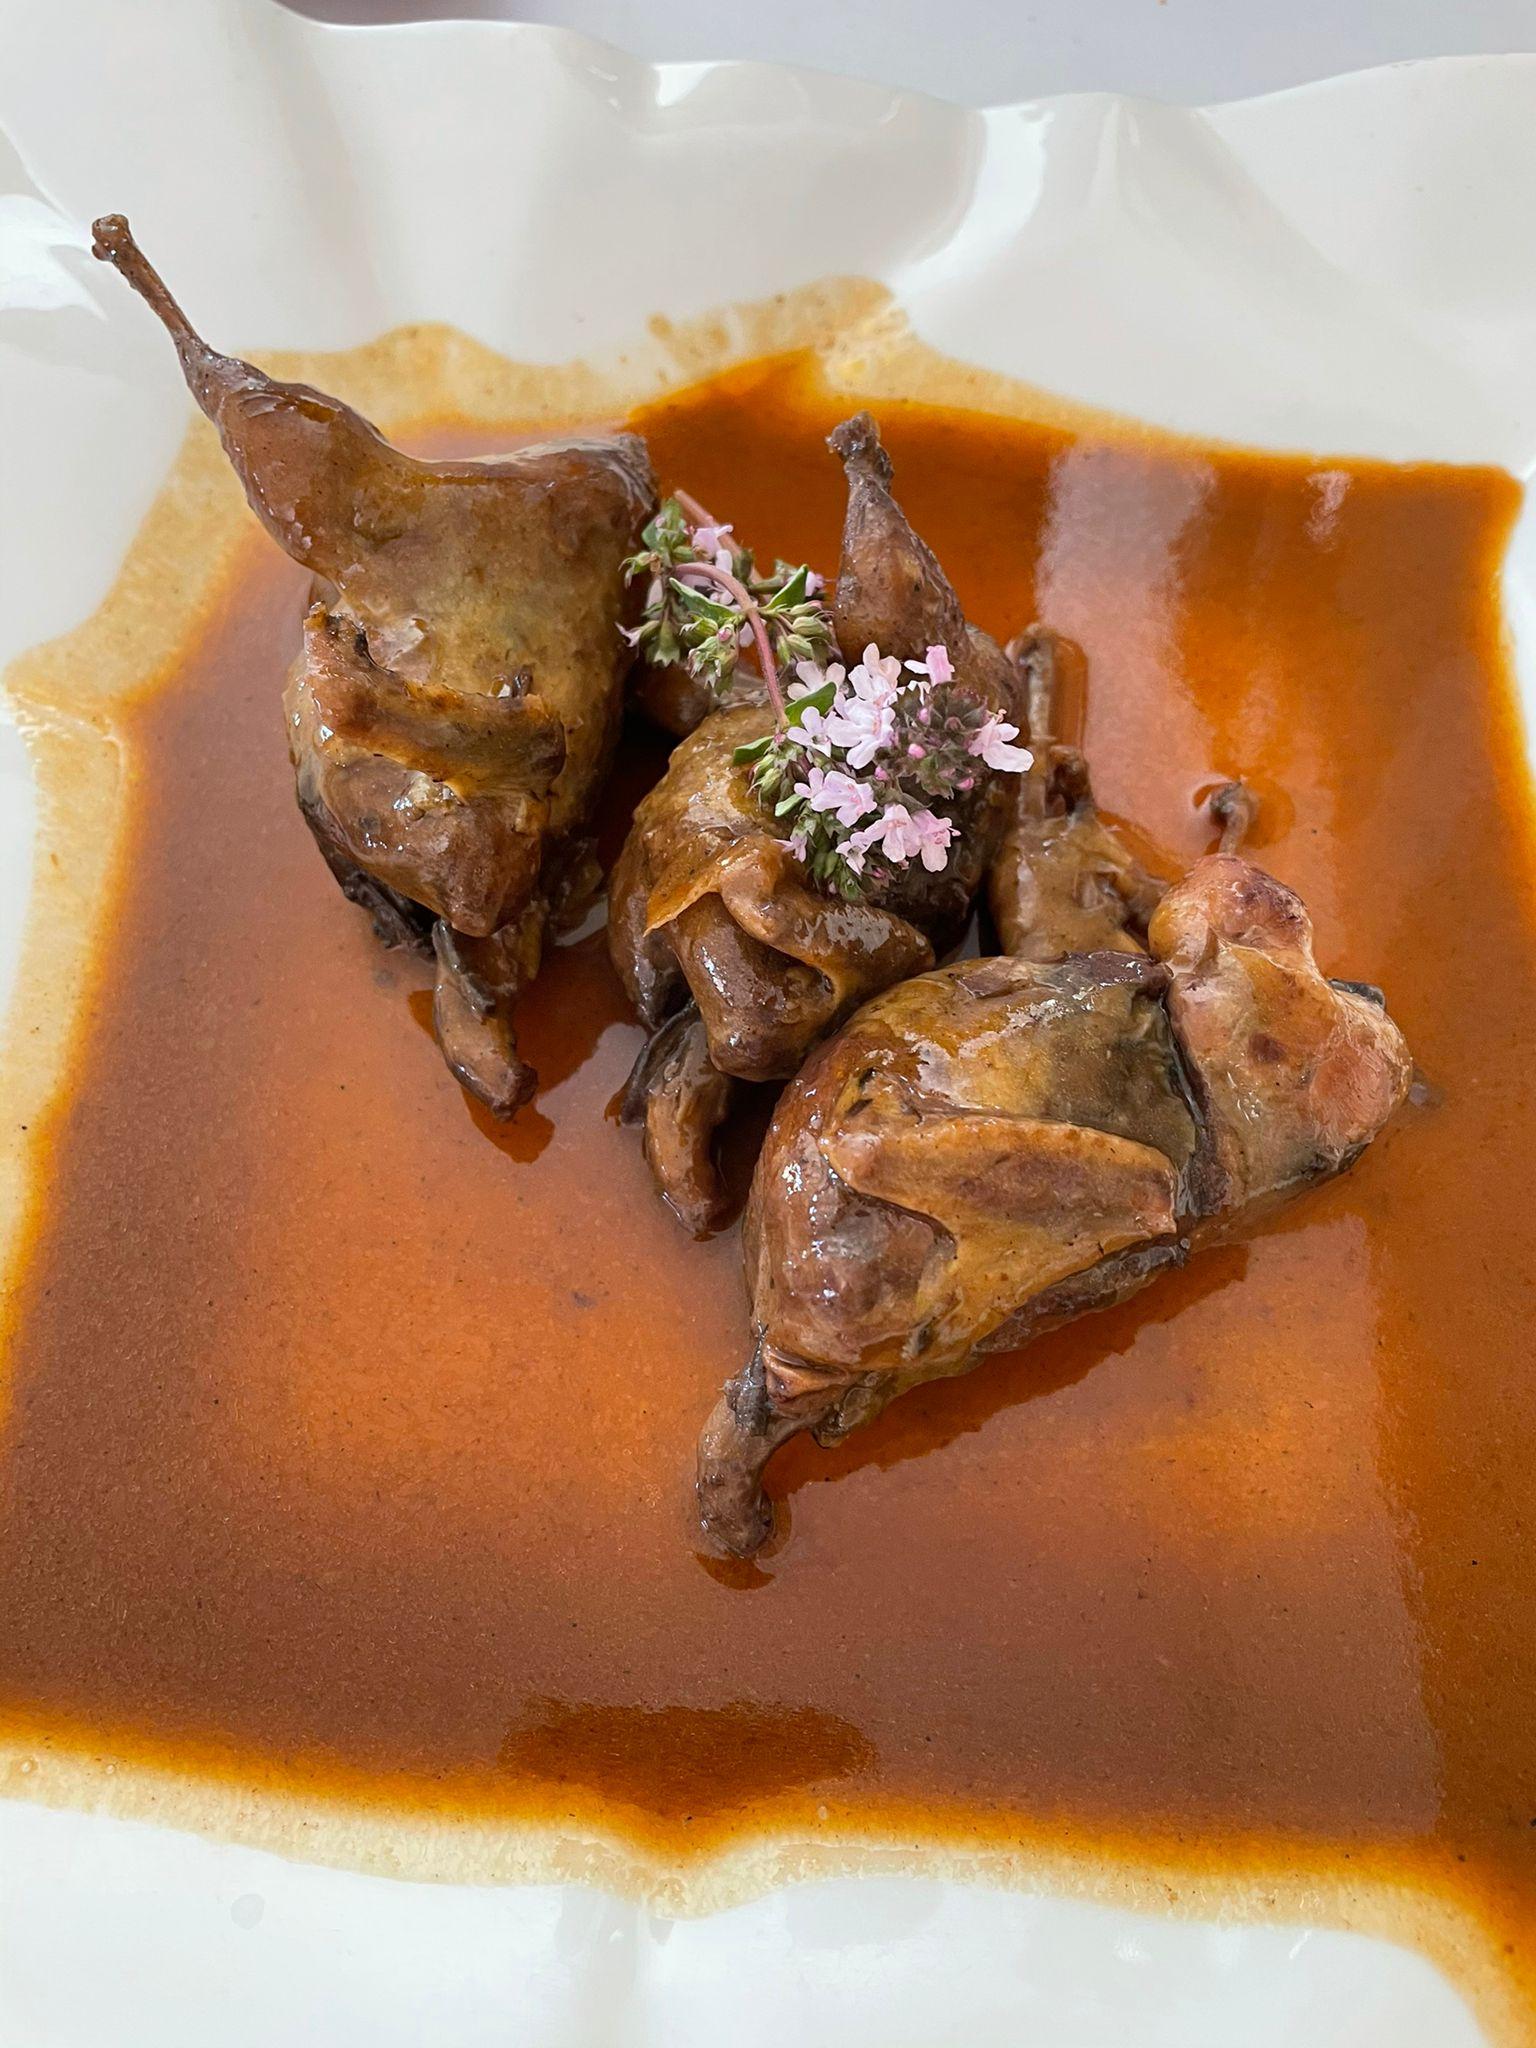 Reseñas gastronómicas. Restaurante Lera en Castroverde de Campos 10